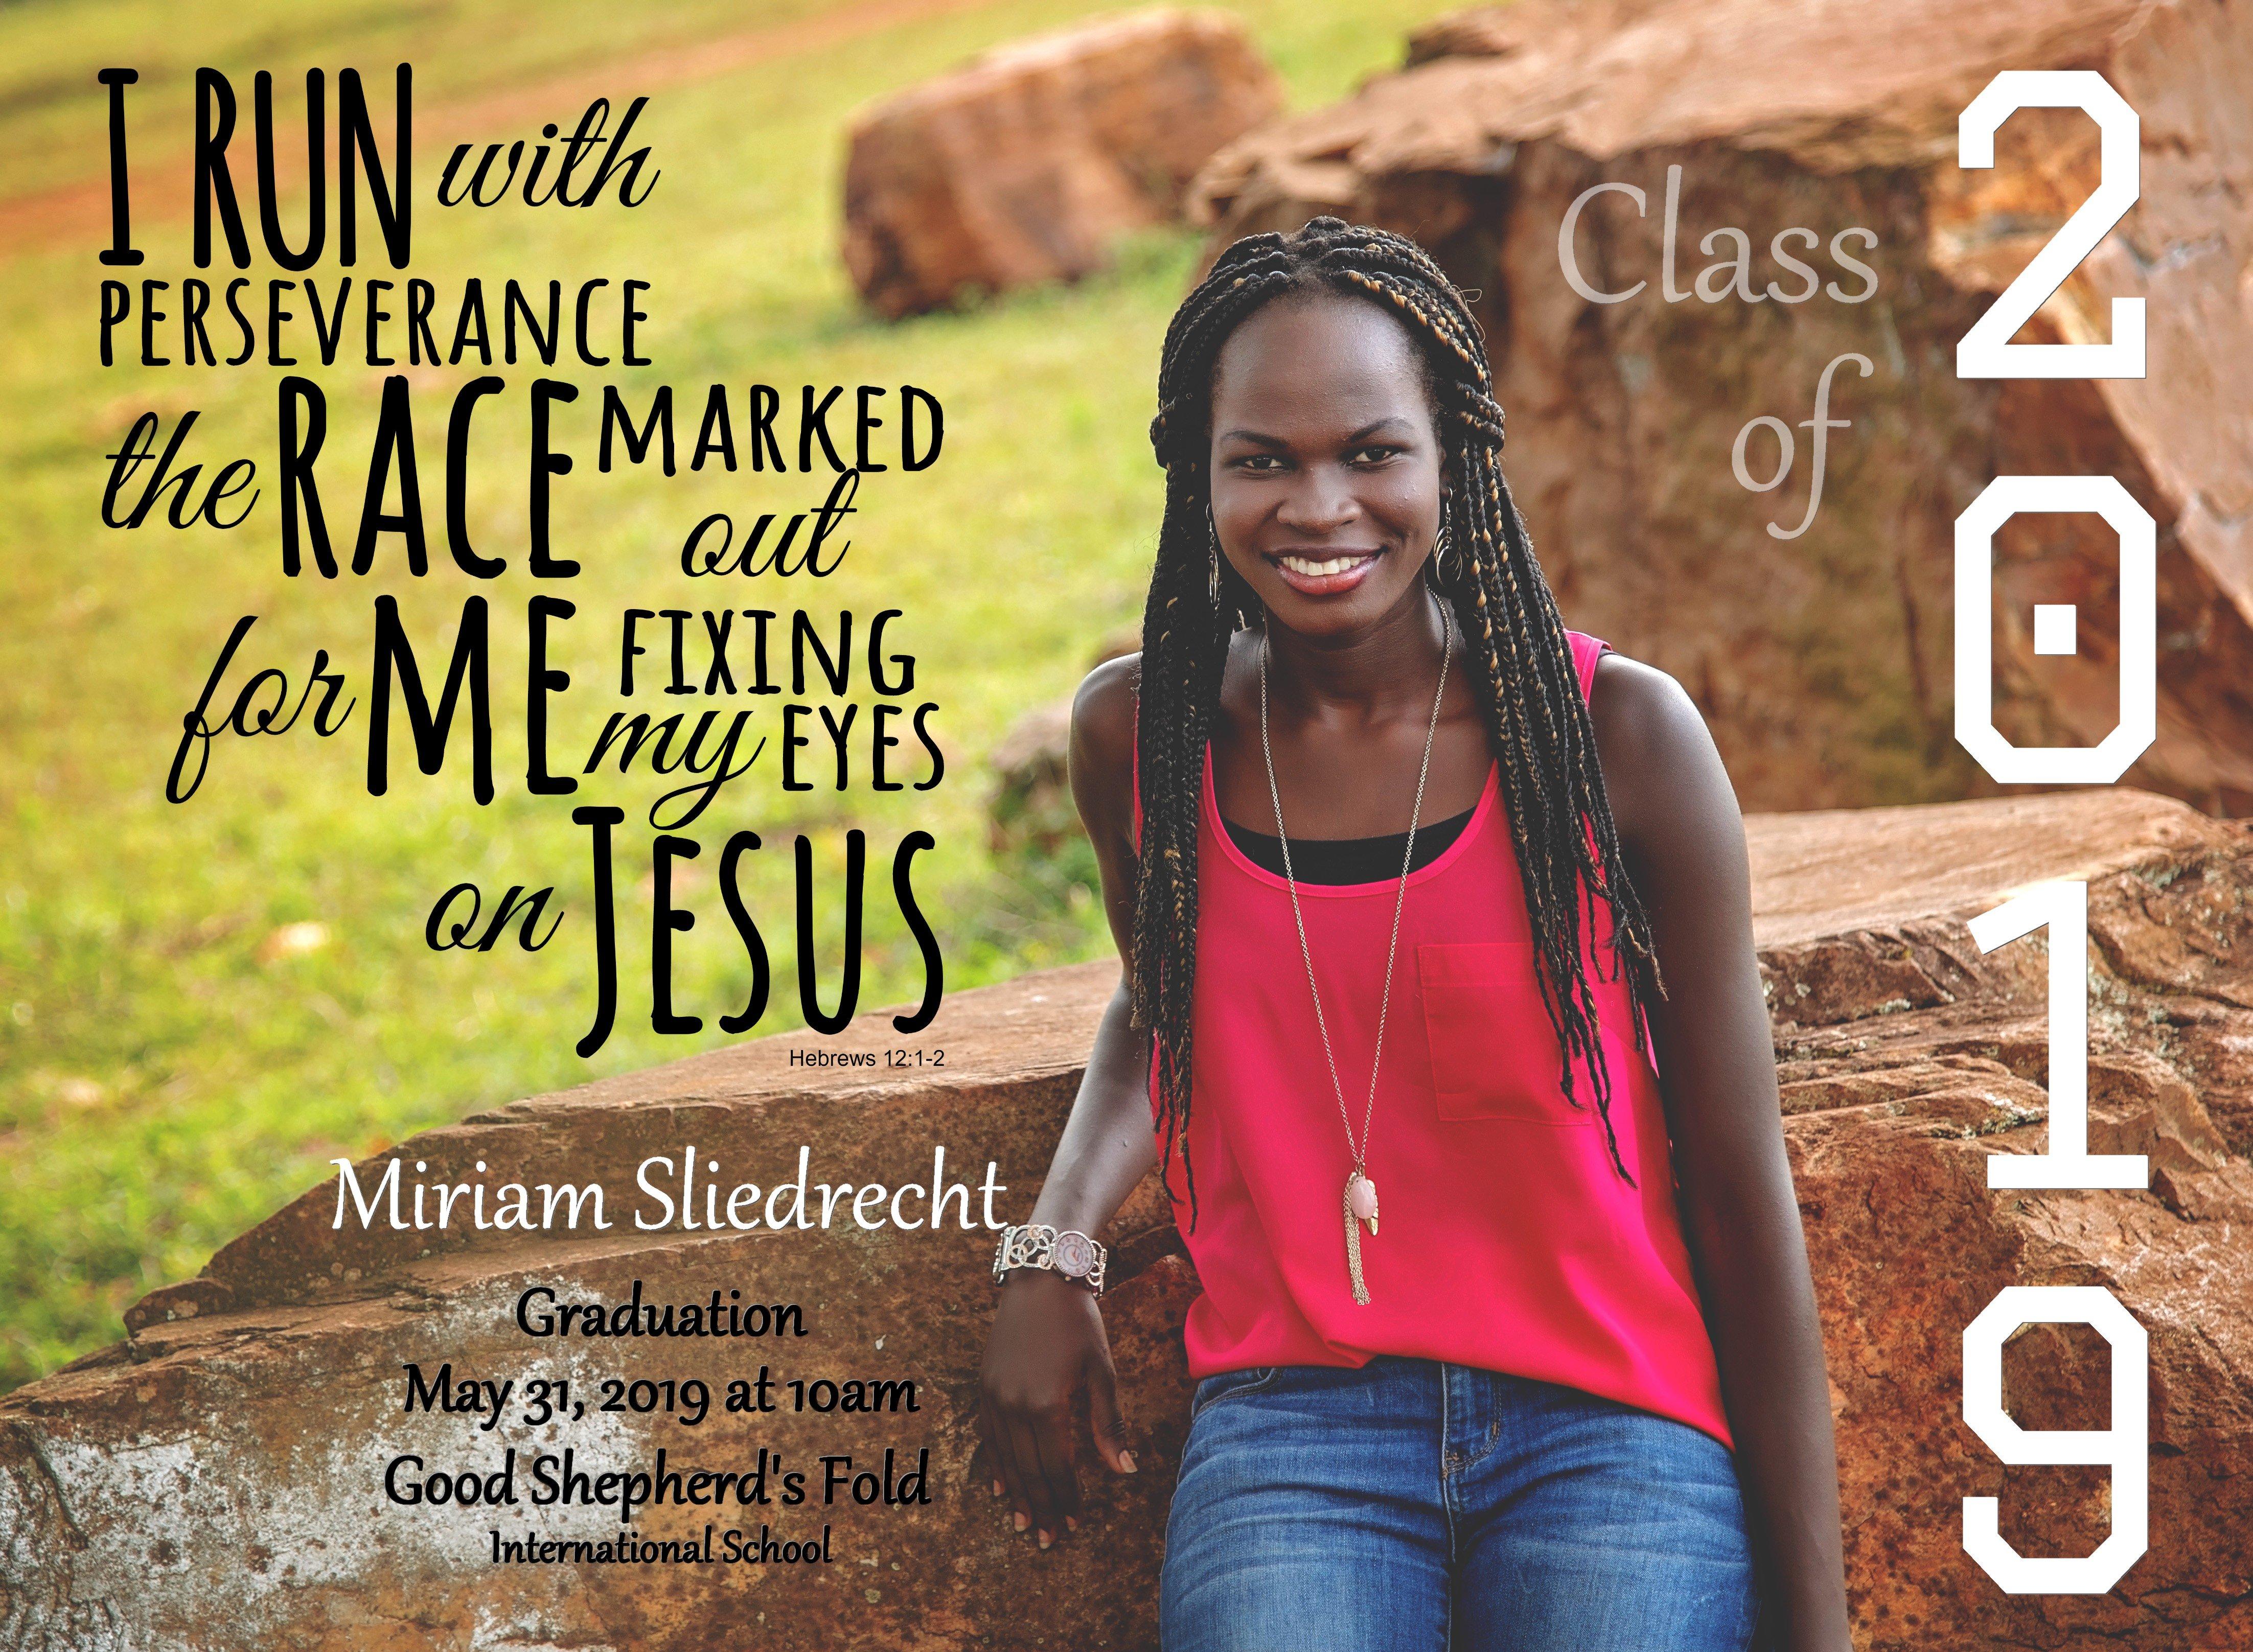 Miriam Graduation Announcement